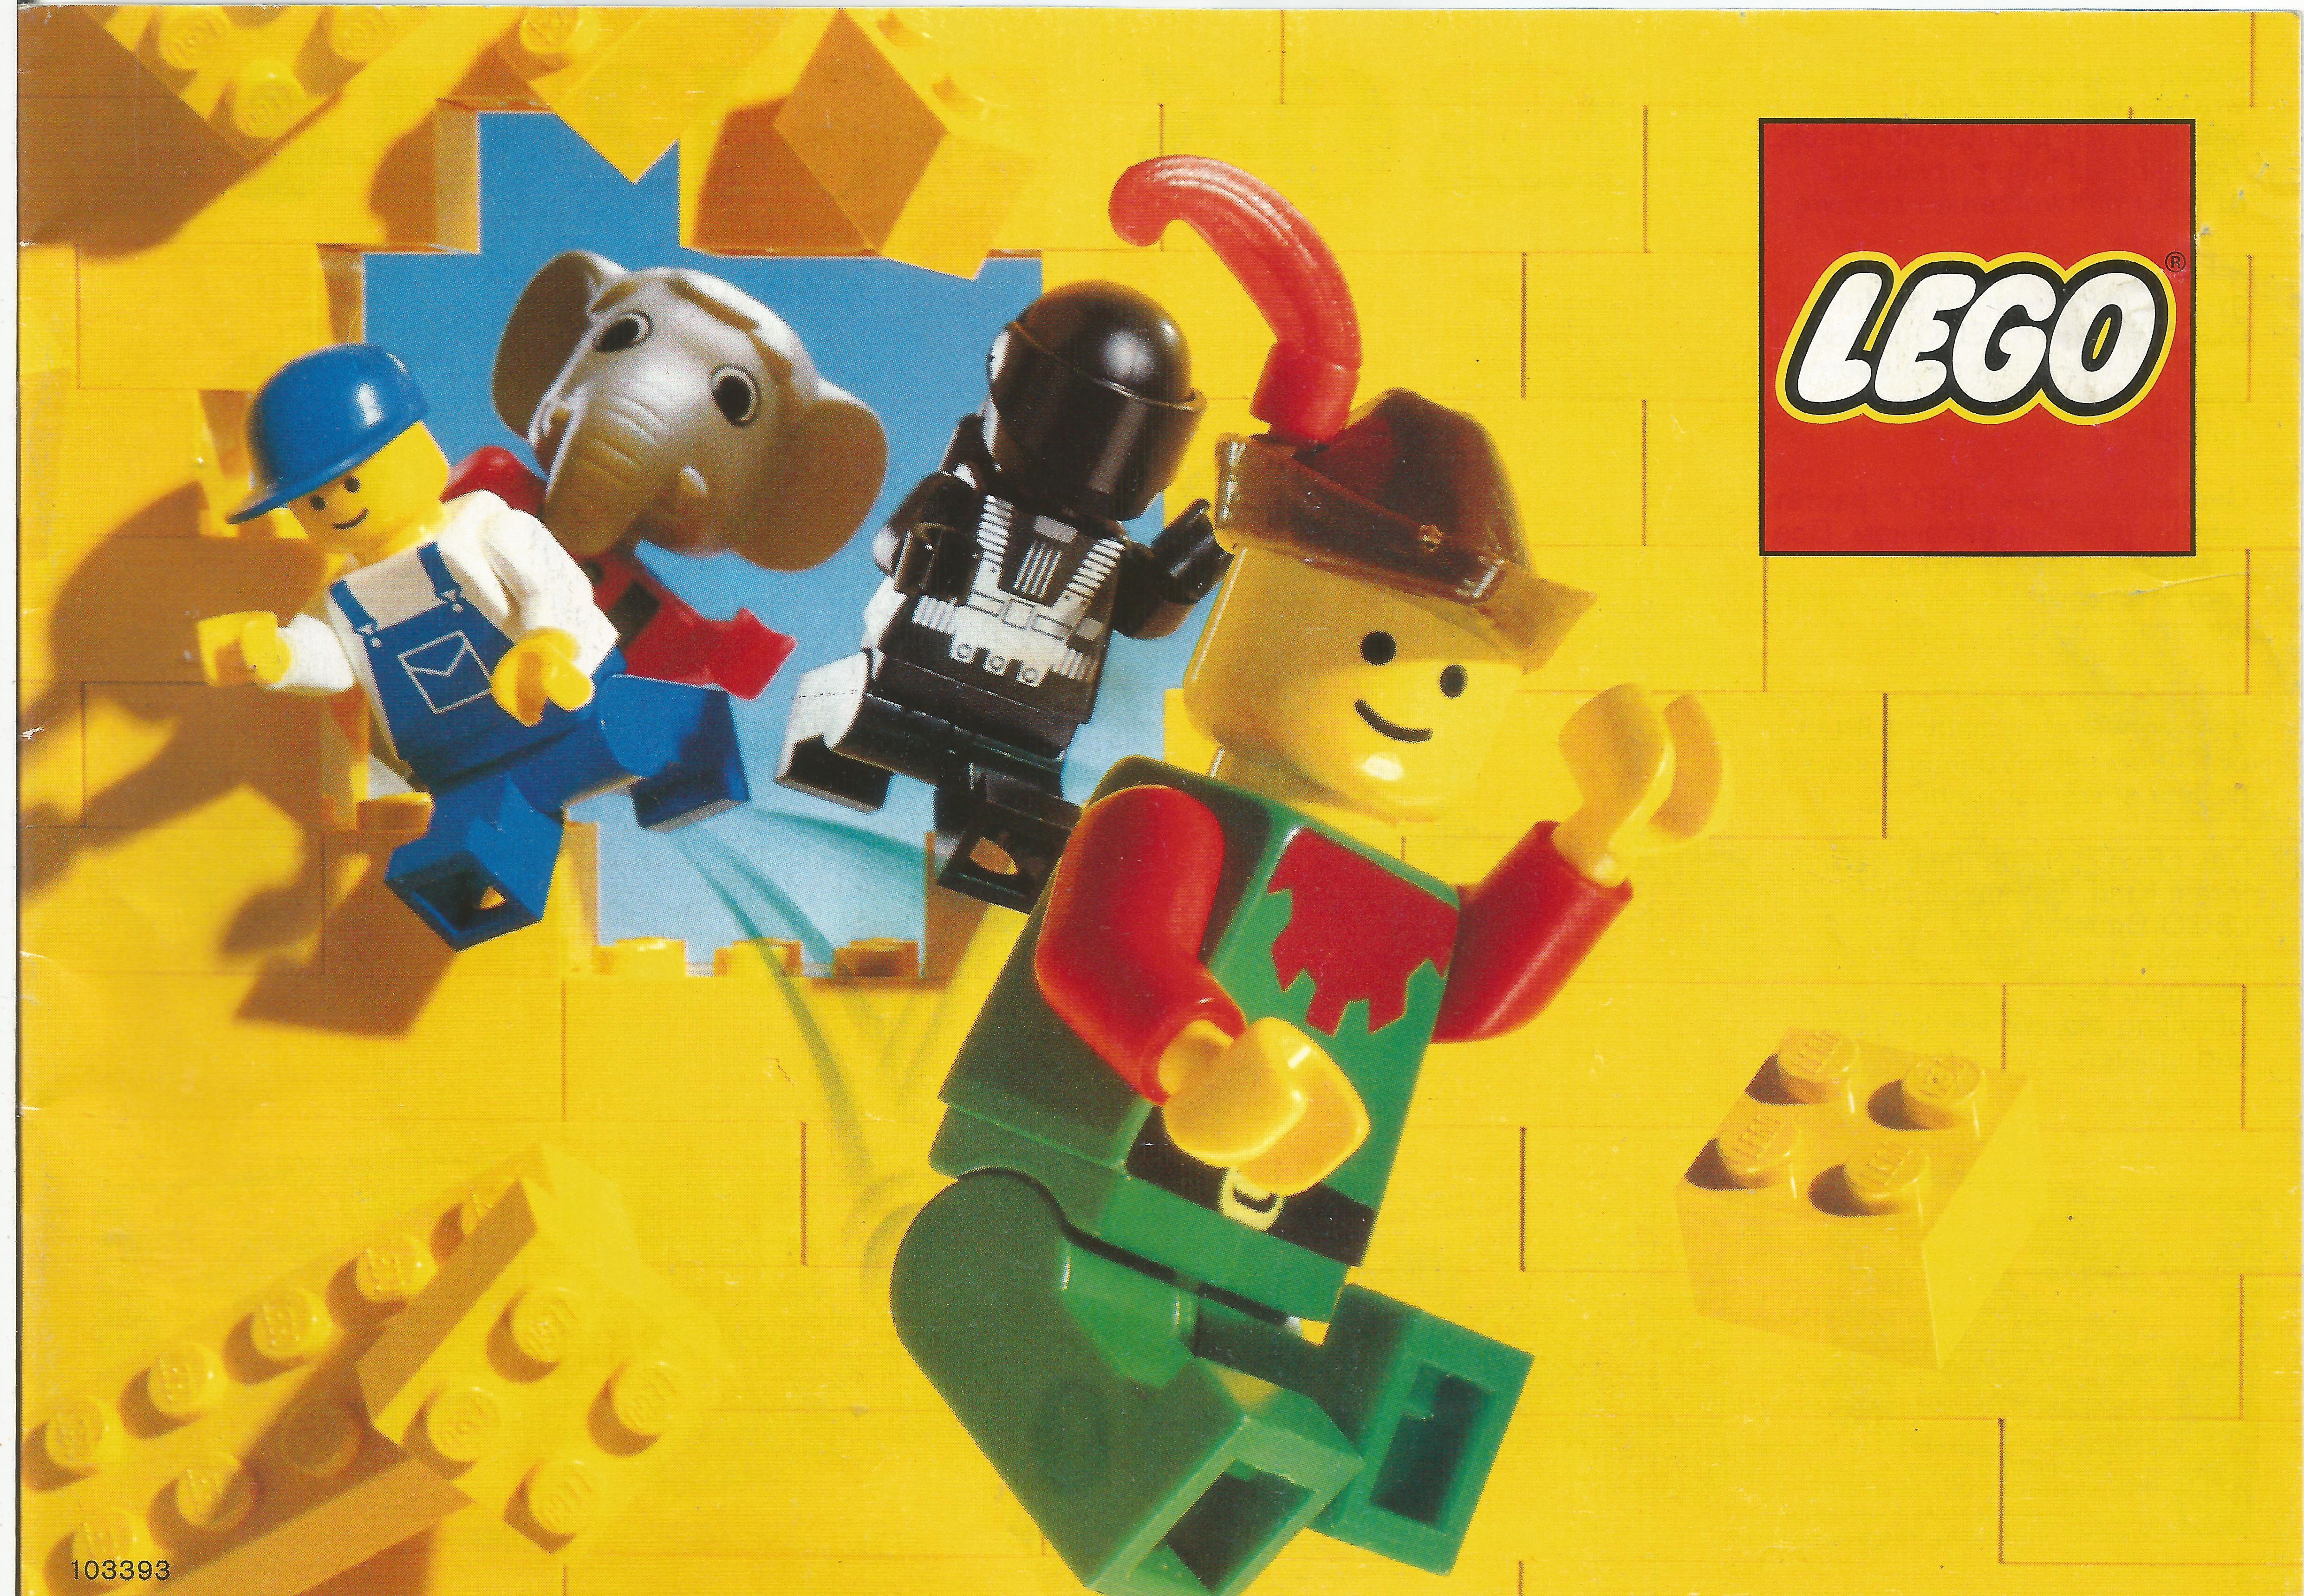 1988-as magyar (kelet-európai), kisméretű Lego katalógus